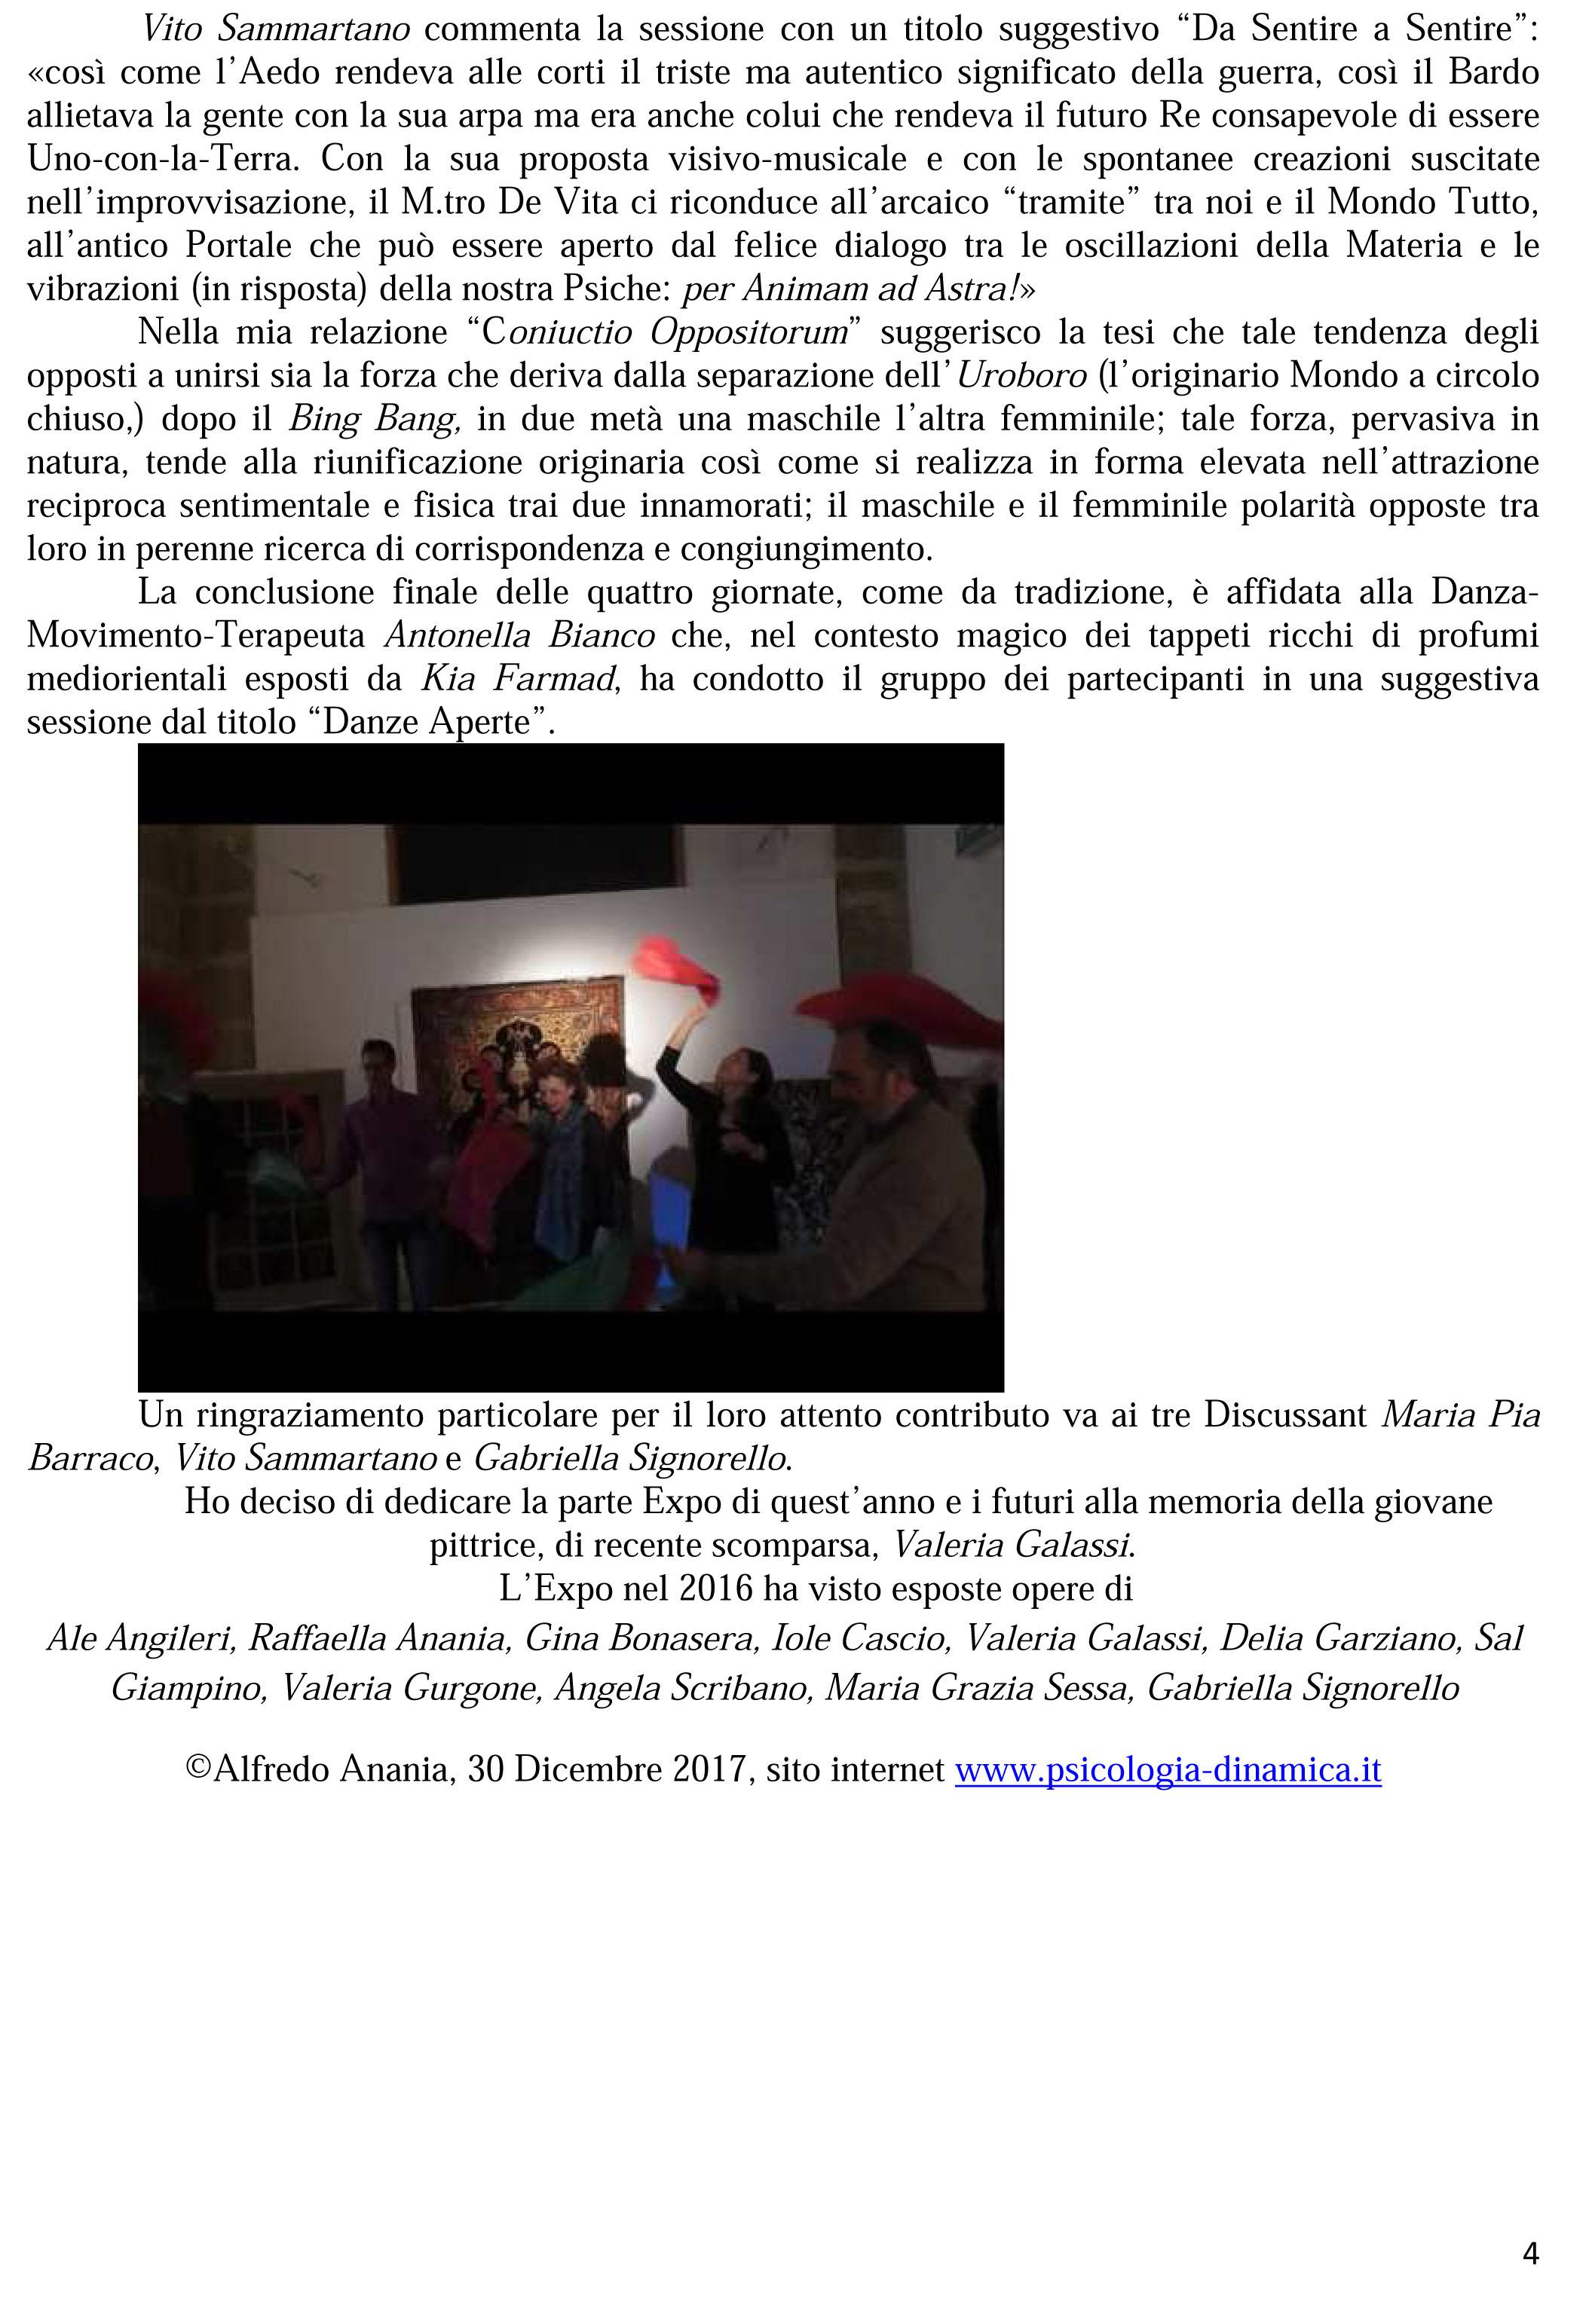 Psicologia dinamica n 14 crediti formativi dellordine professionale assistenti sociali regione sicilia fandeluxe Gallery